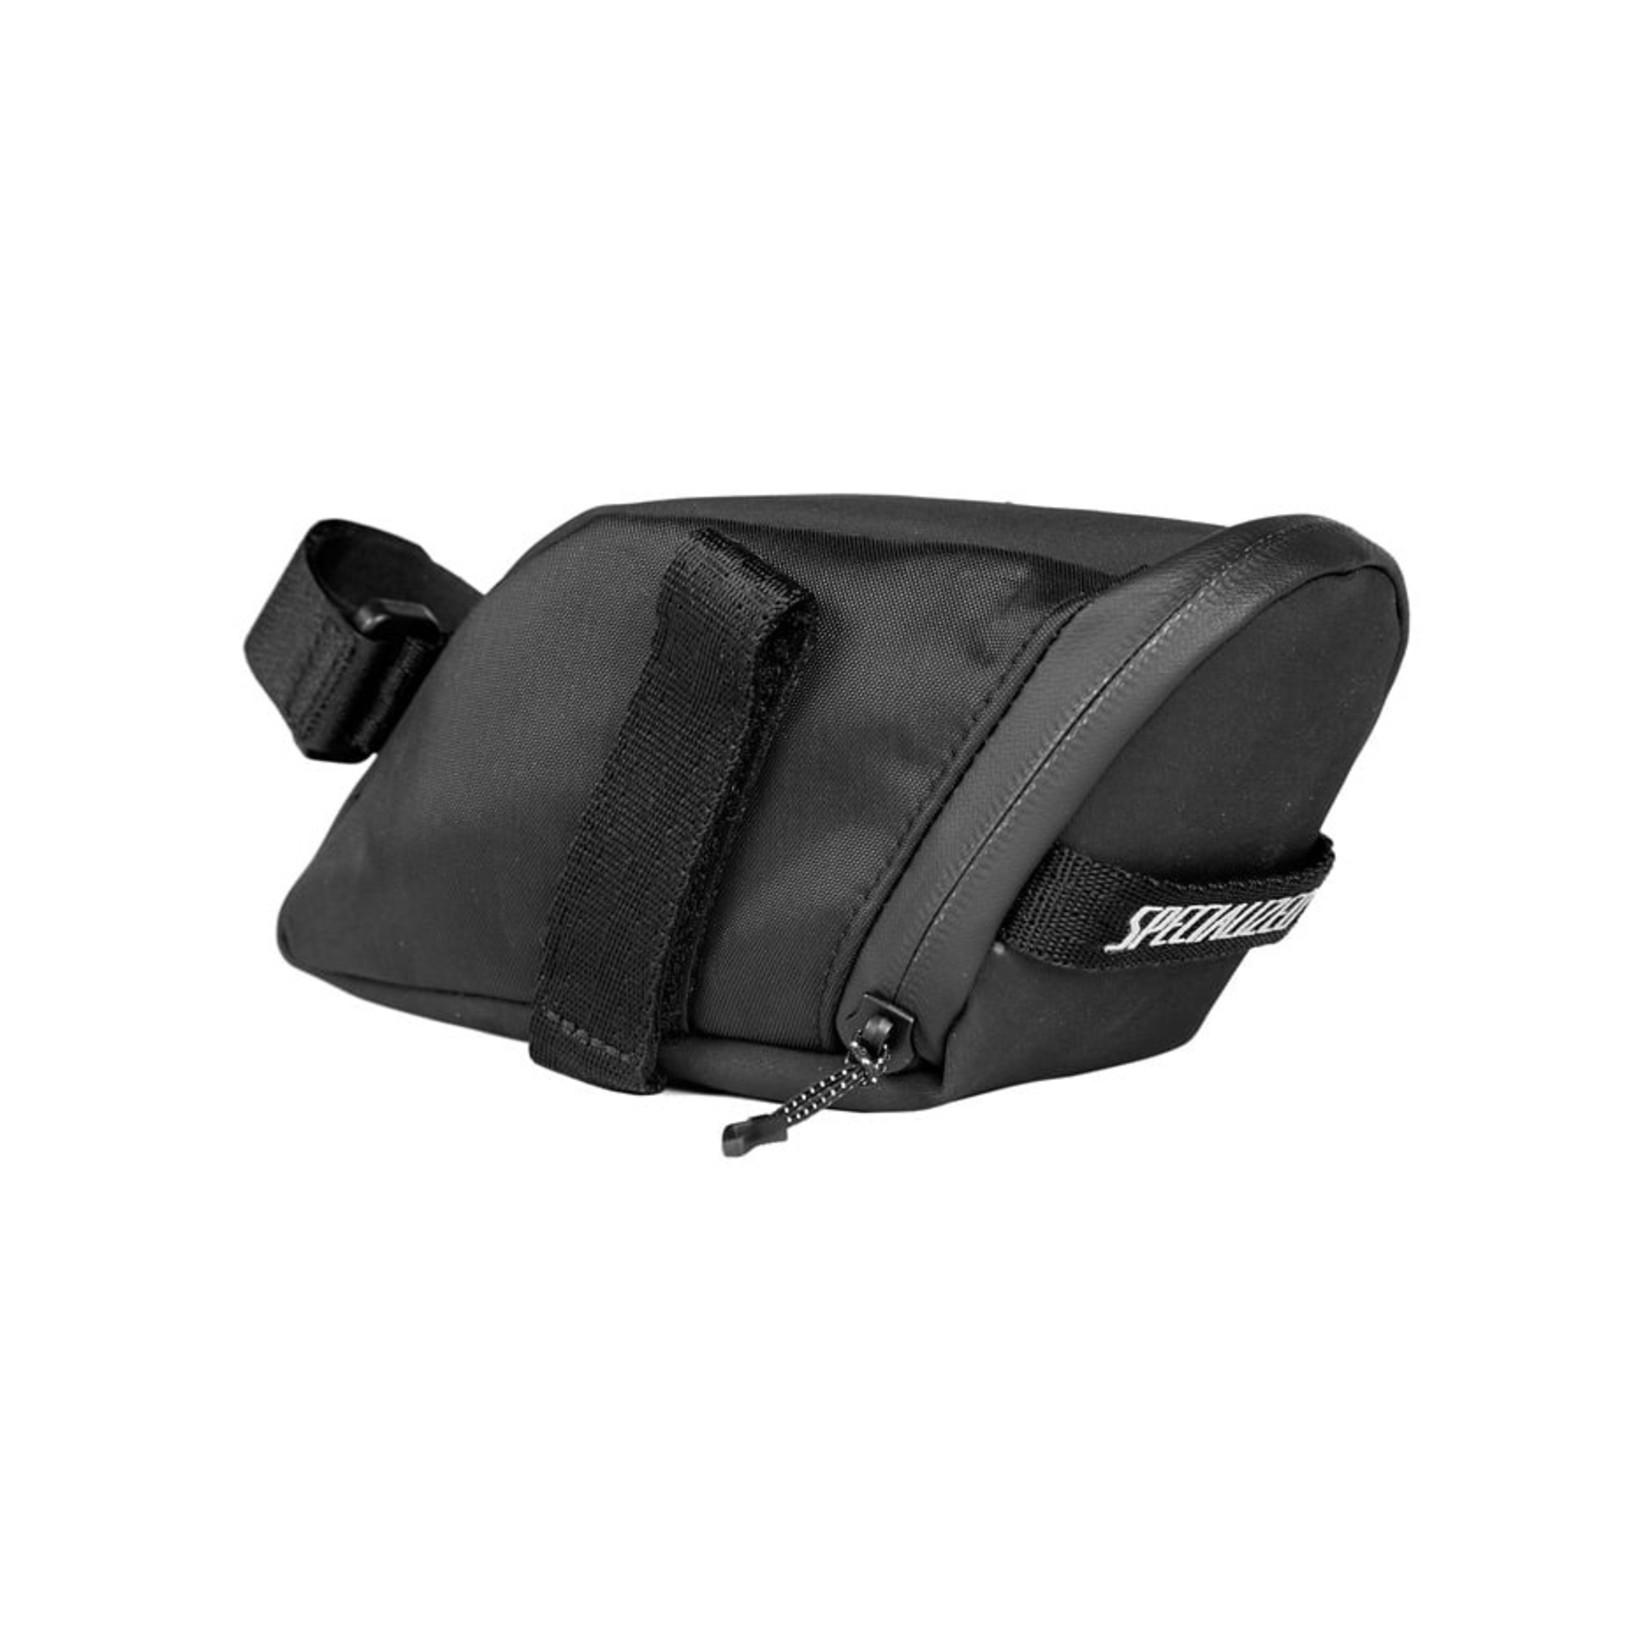 Specialized Specialized Mini Wedgie Saddlebag